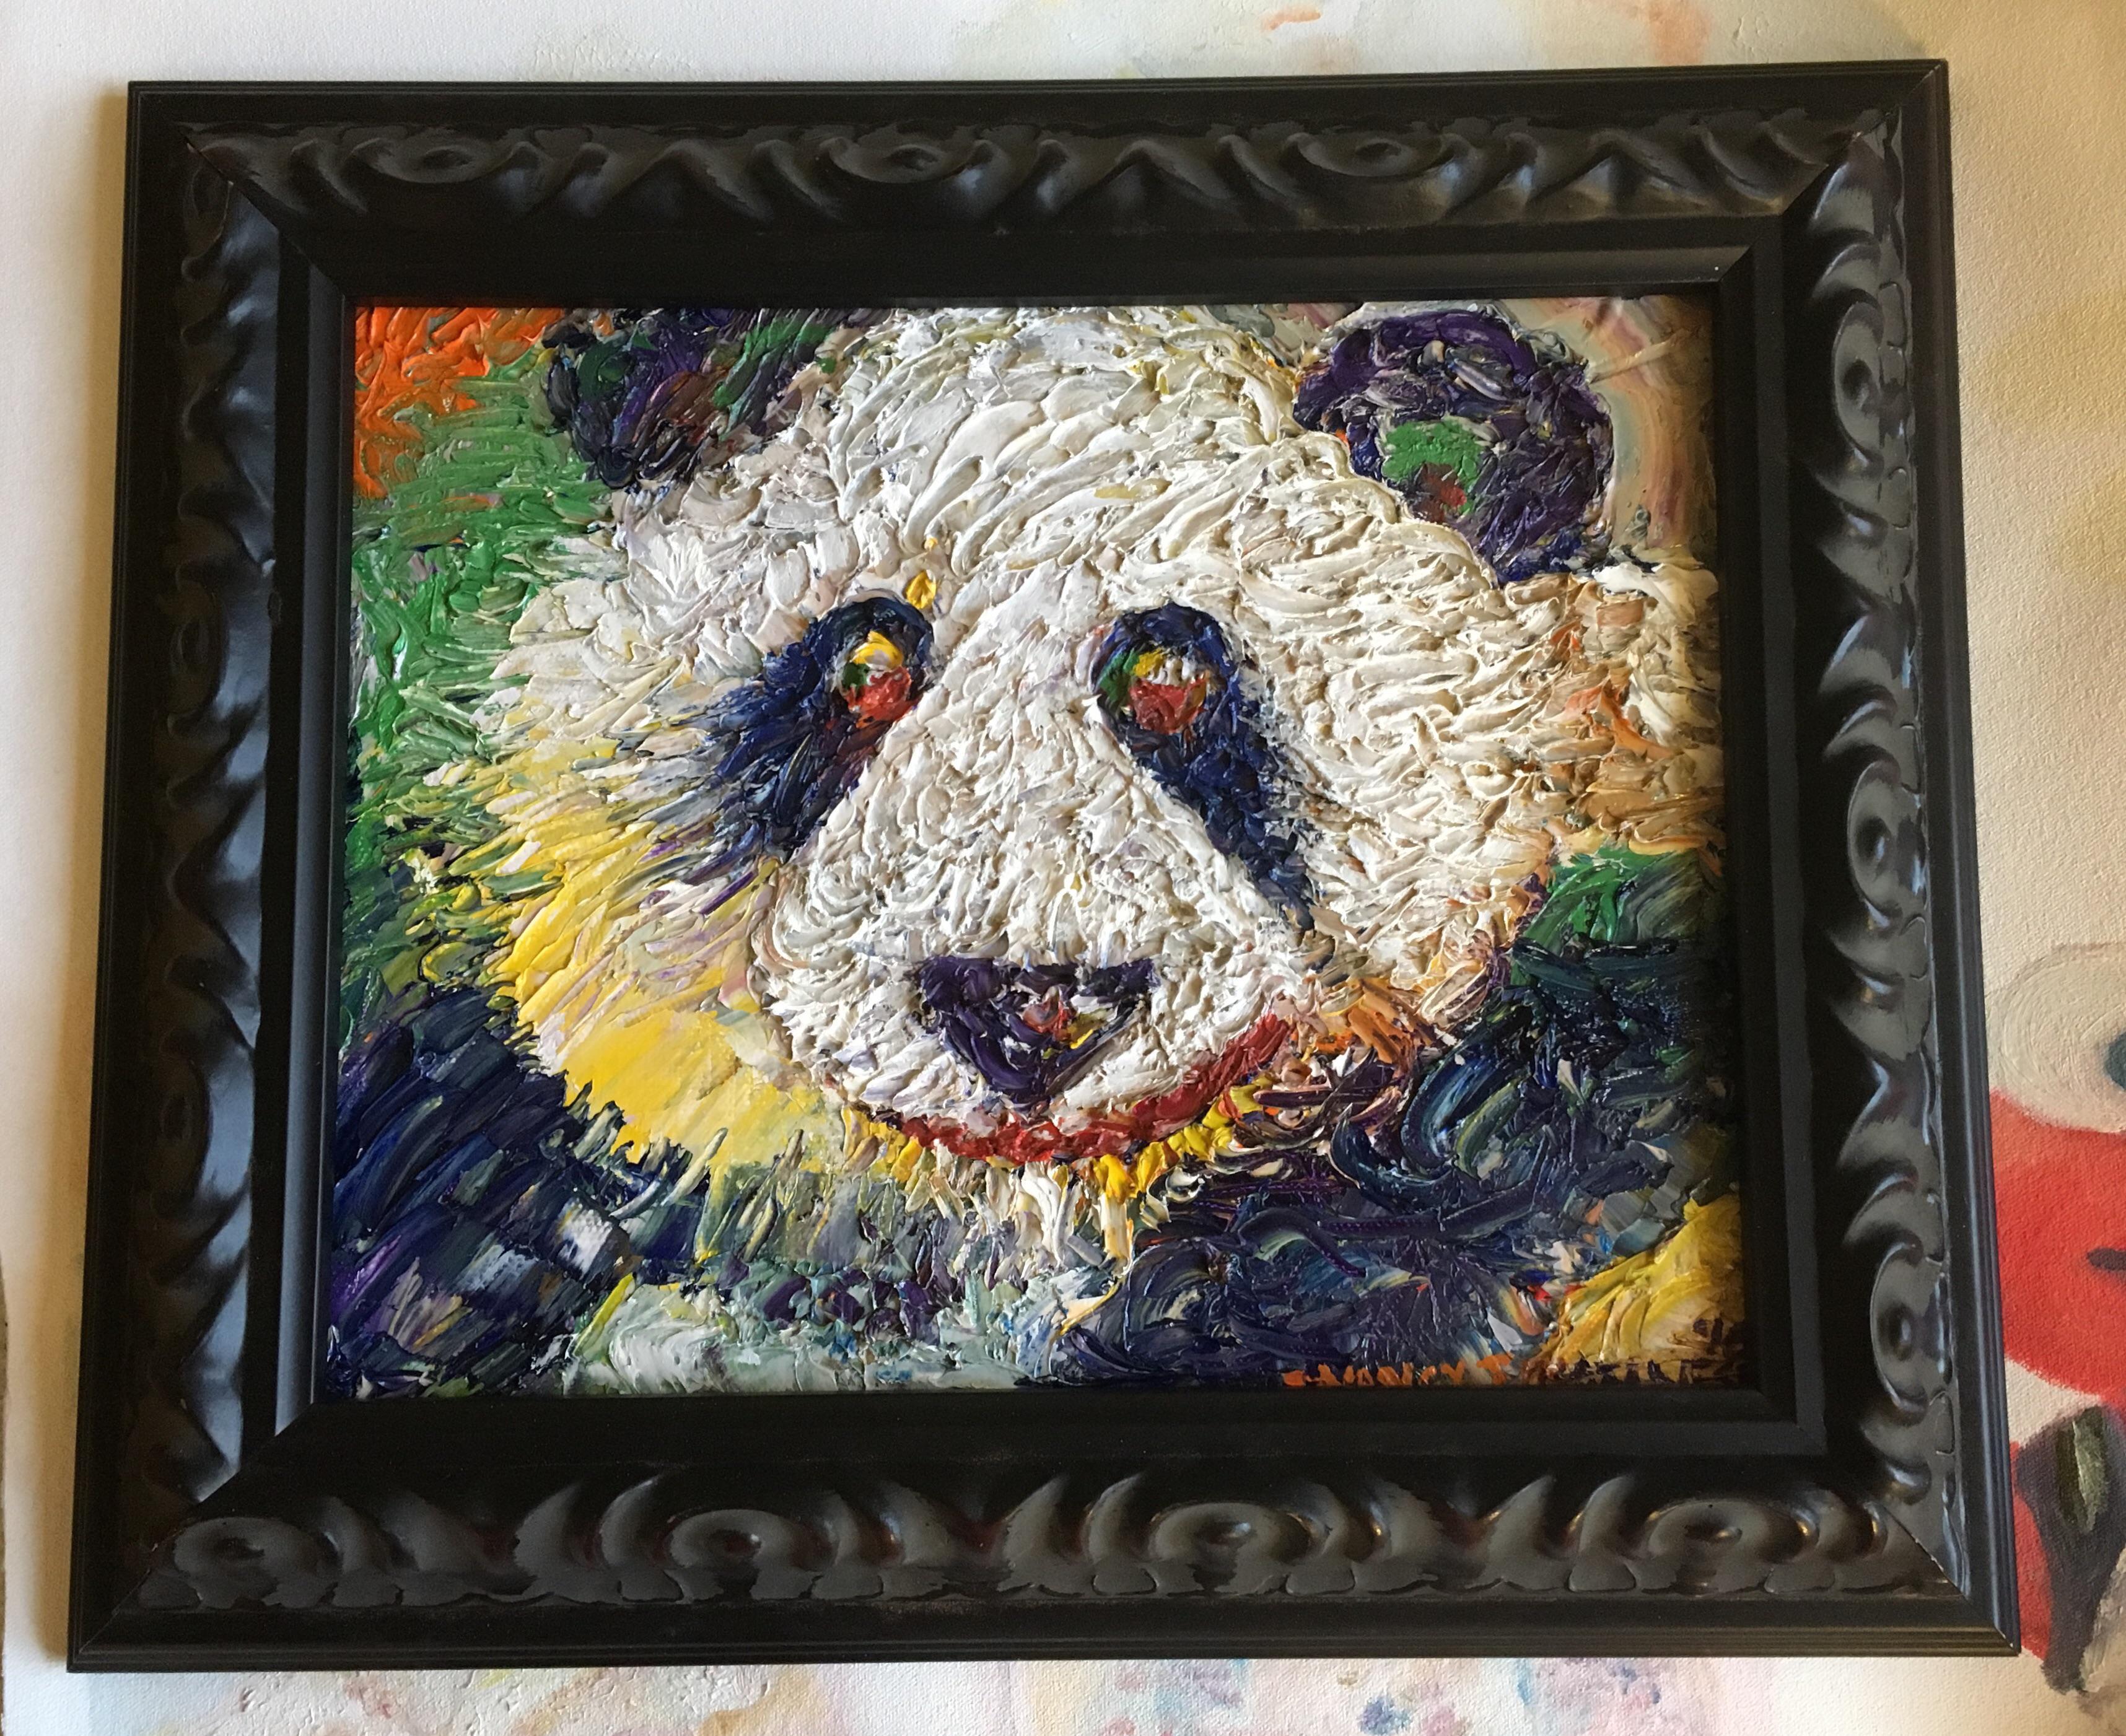 u0026quot panda bear u0026quot  original oil painting